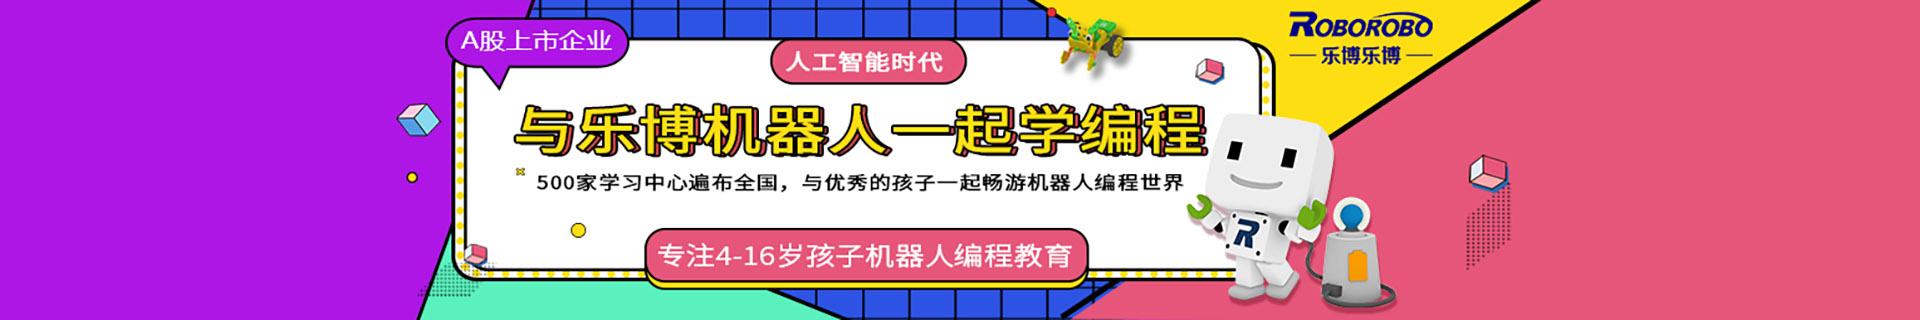 青岛乐博乐博机器人教育